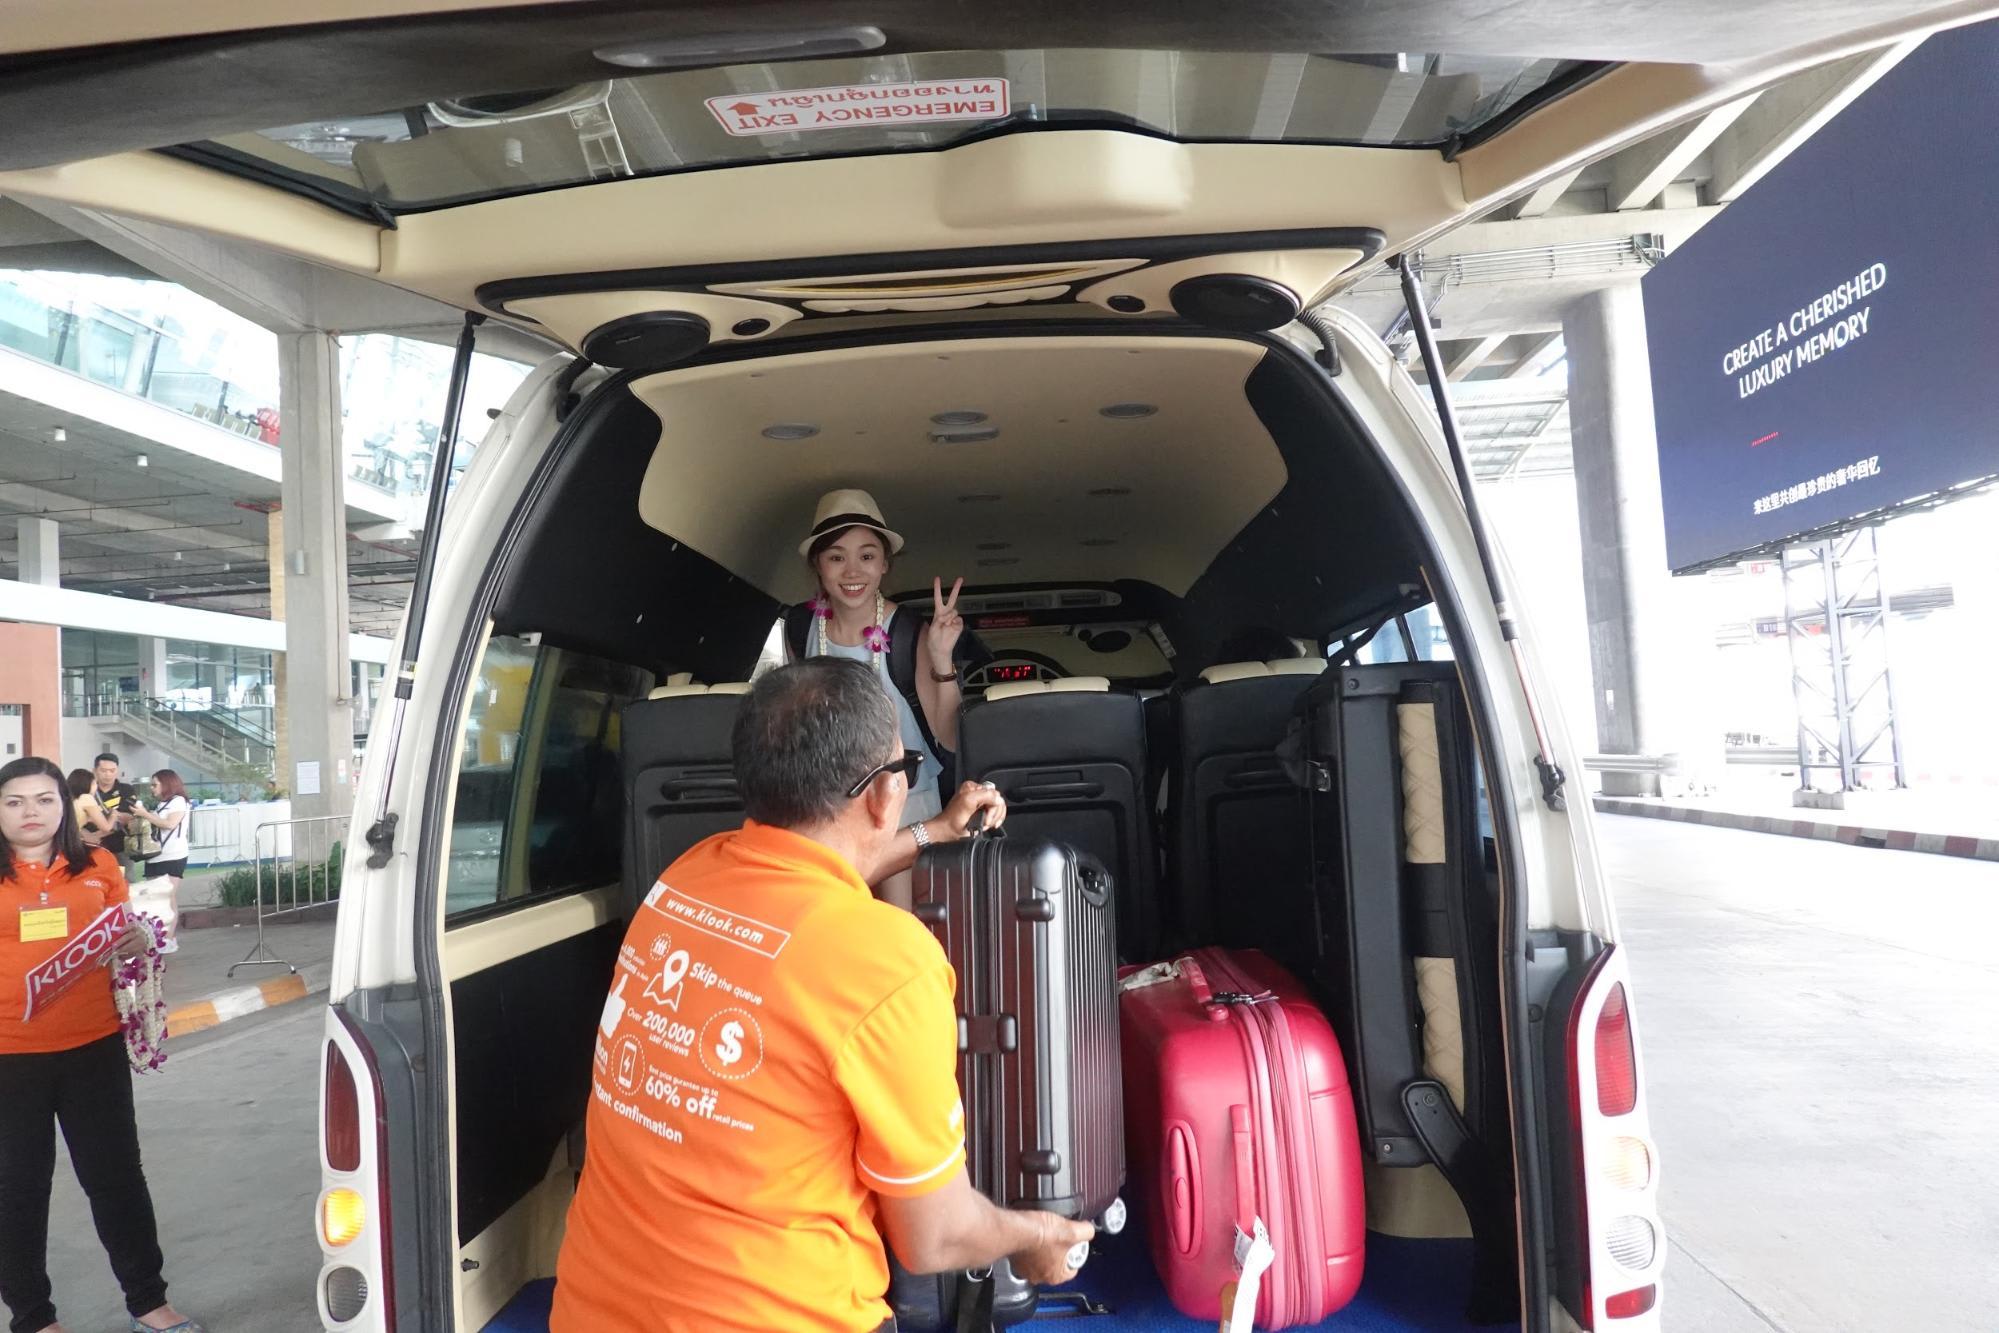 xe trung chuyển riêng tại sân bay